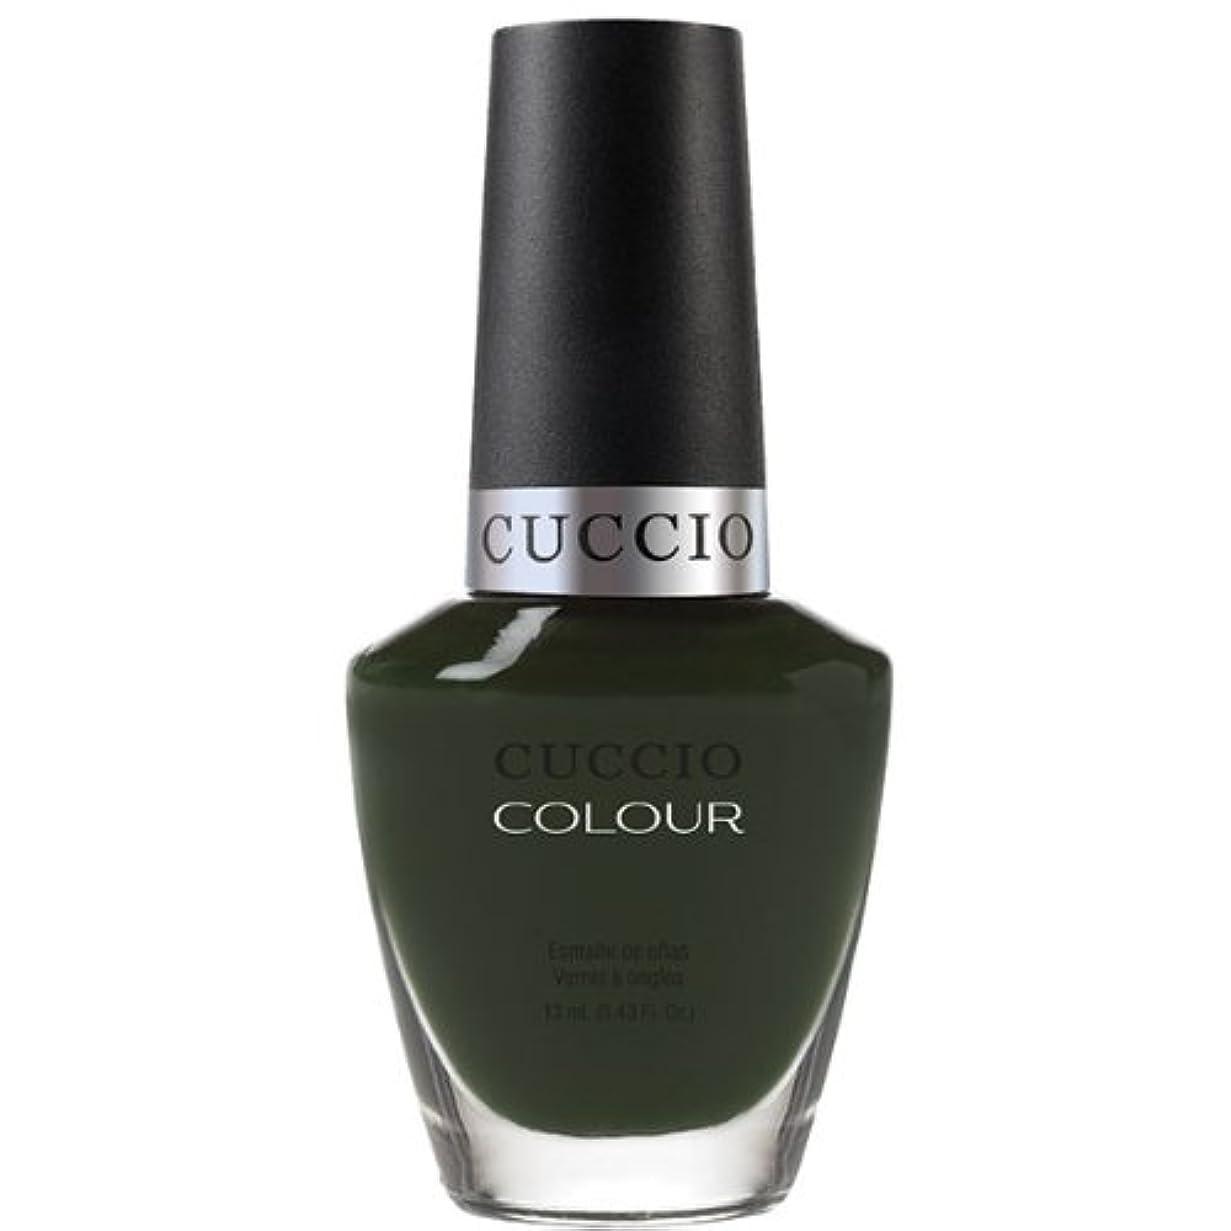 手文明化スピーカーCuccio Colour Gloss Lacquer - Glasgow Nights - 0.43oz / 13ml